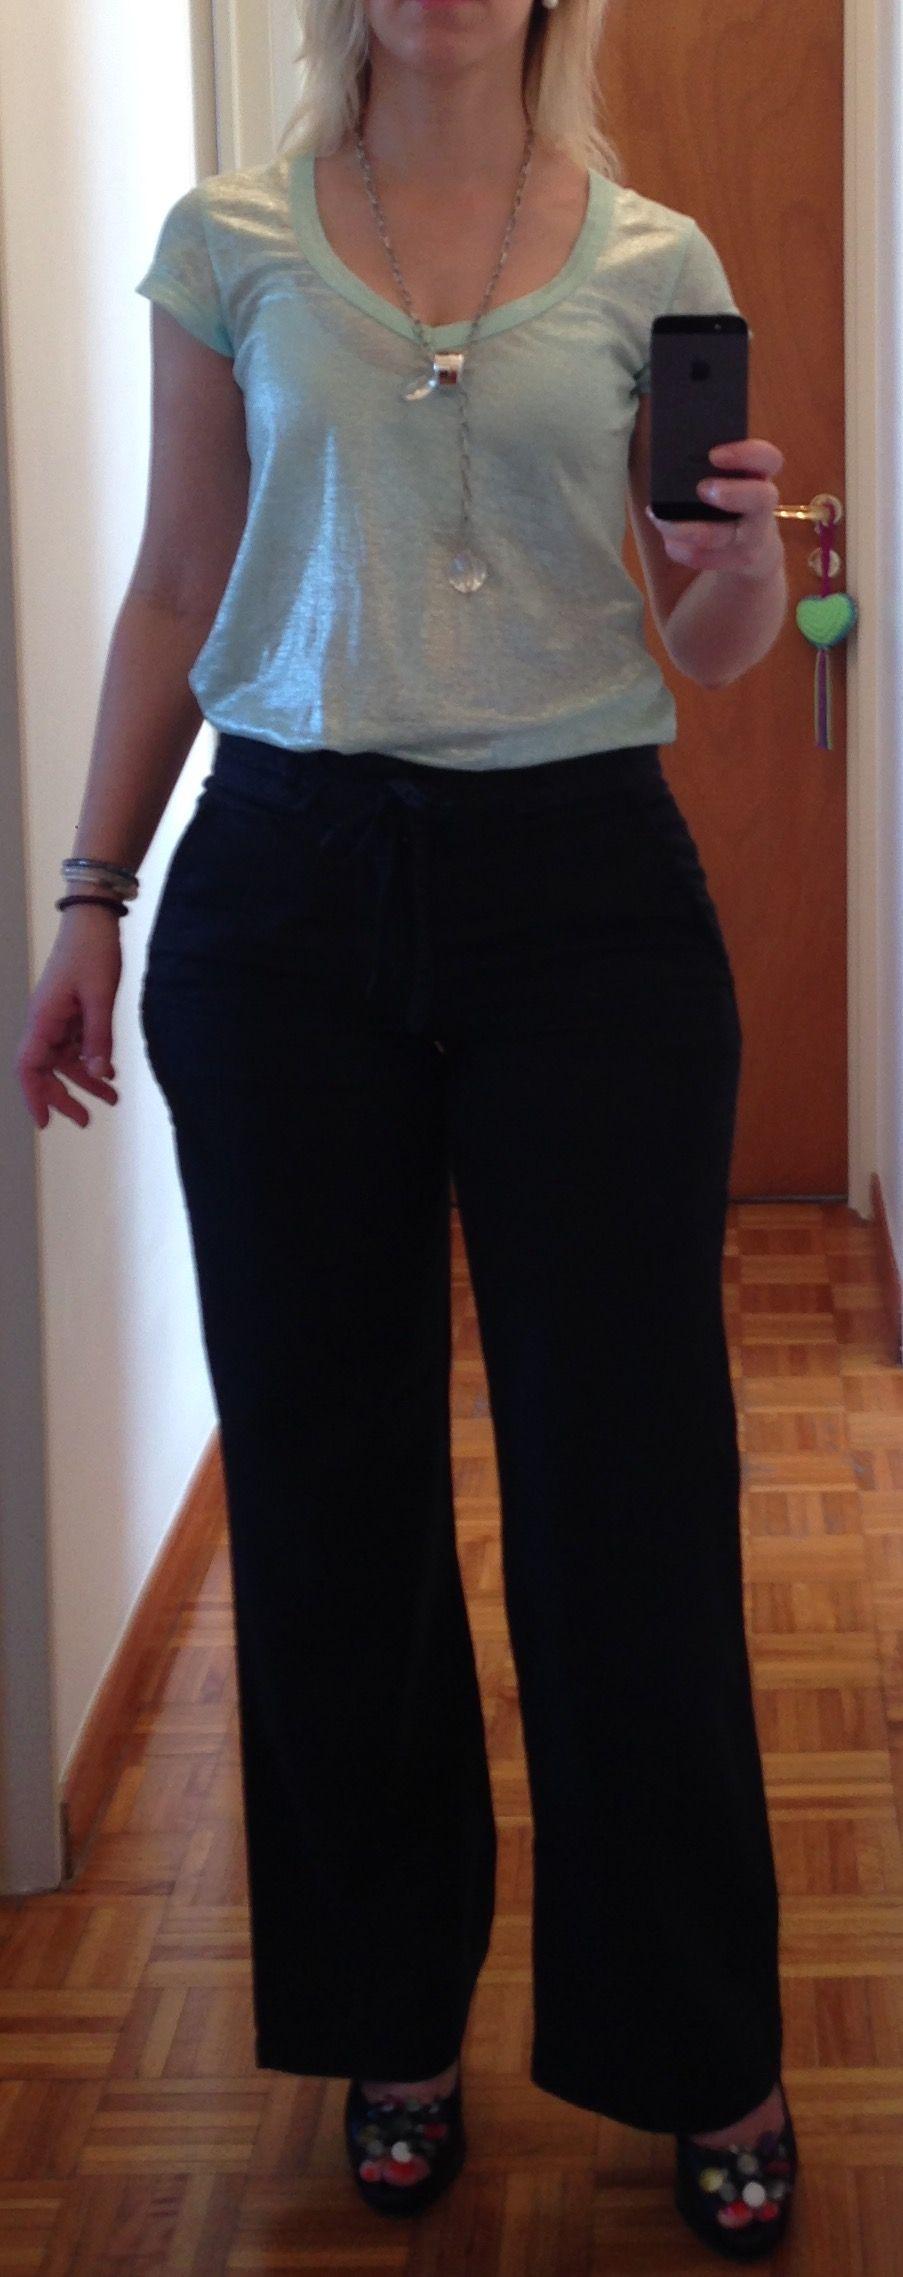 Outfit para La Oficina. Pantalón negro clásico de lino tiempo alto. Remera glitter agua marina y accesorio plata. Cuerpo tipo pera.